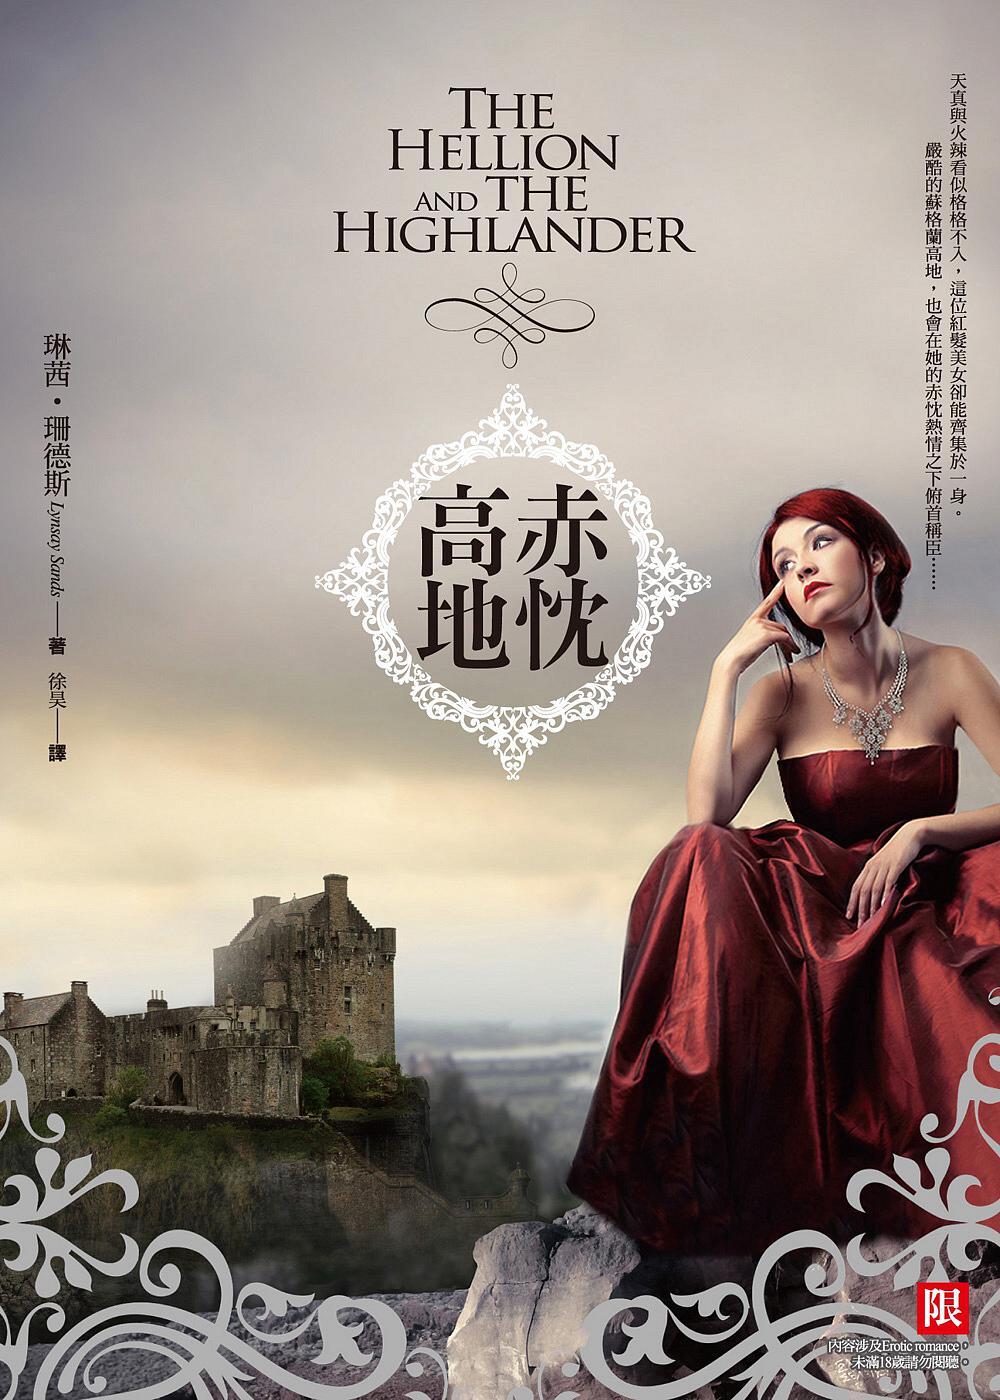 赤忱高地 The Hellion and the Highlander